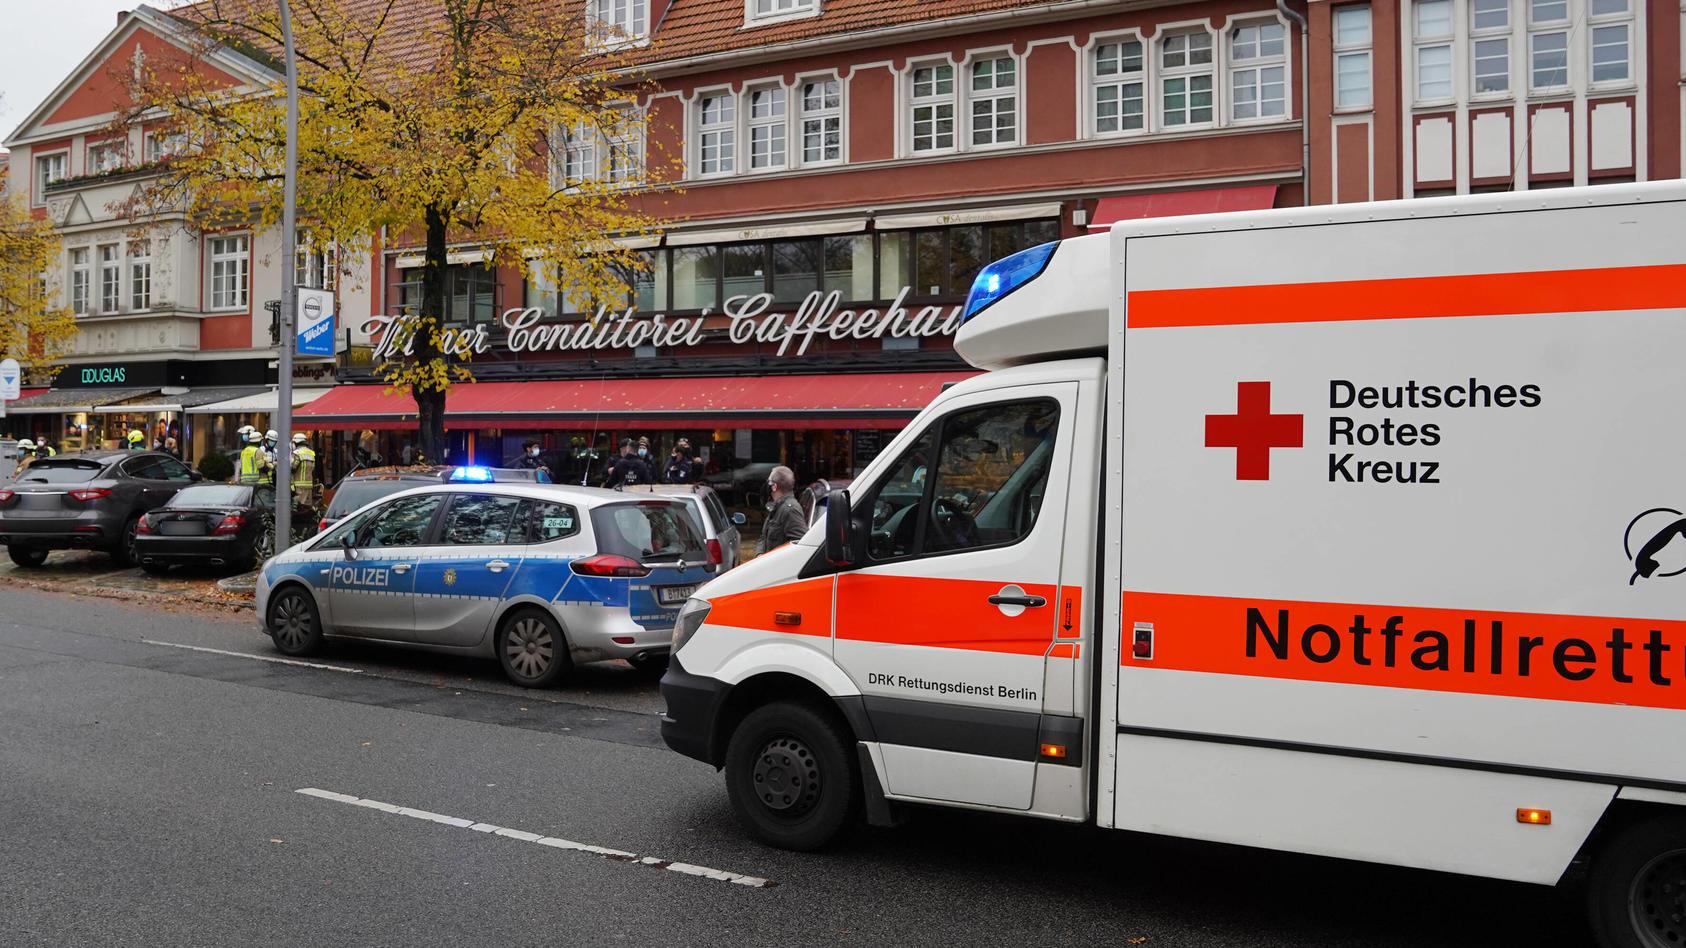 Unfall am Roseneck in Berlin-Grunewald: Ein PKW fuhr in das traditionelle Wiener Caffeehaus